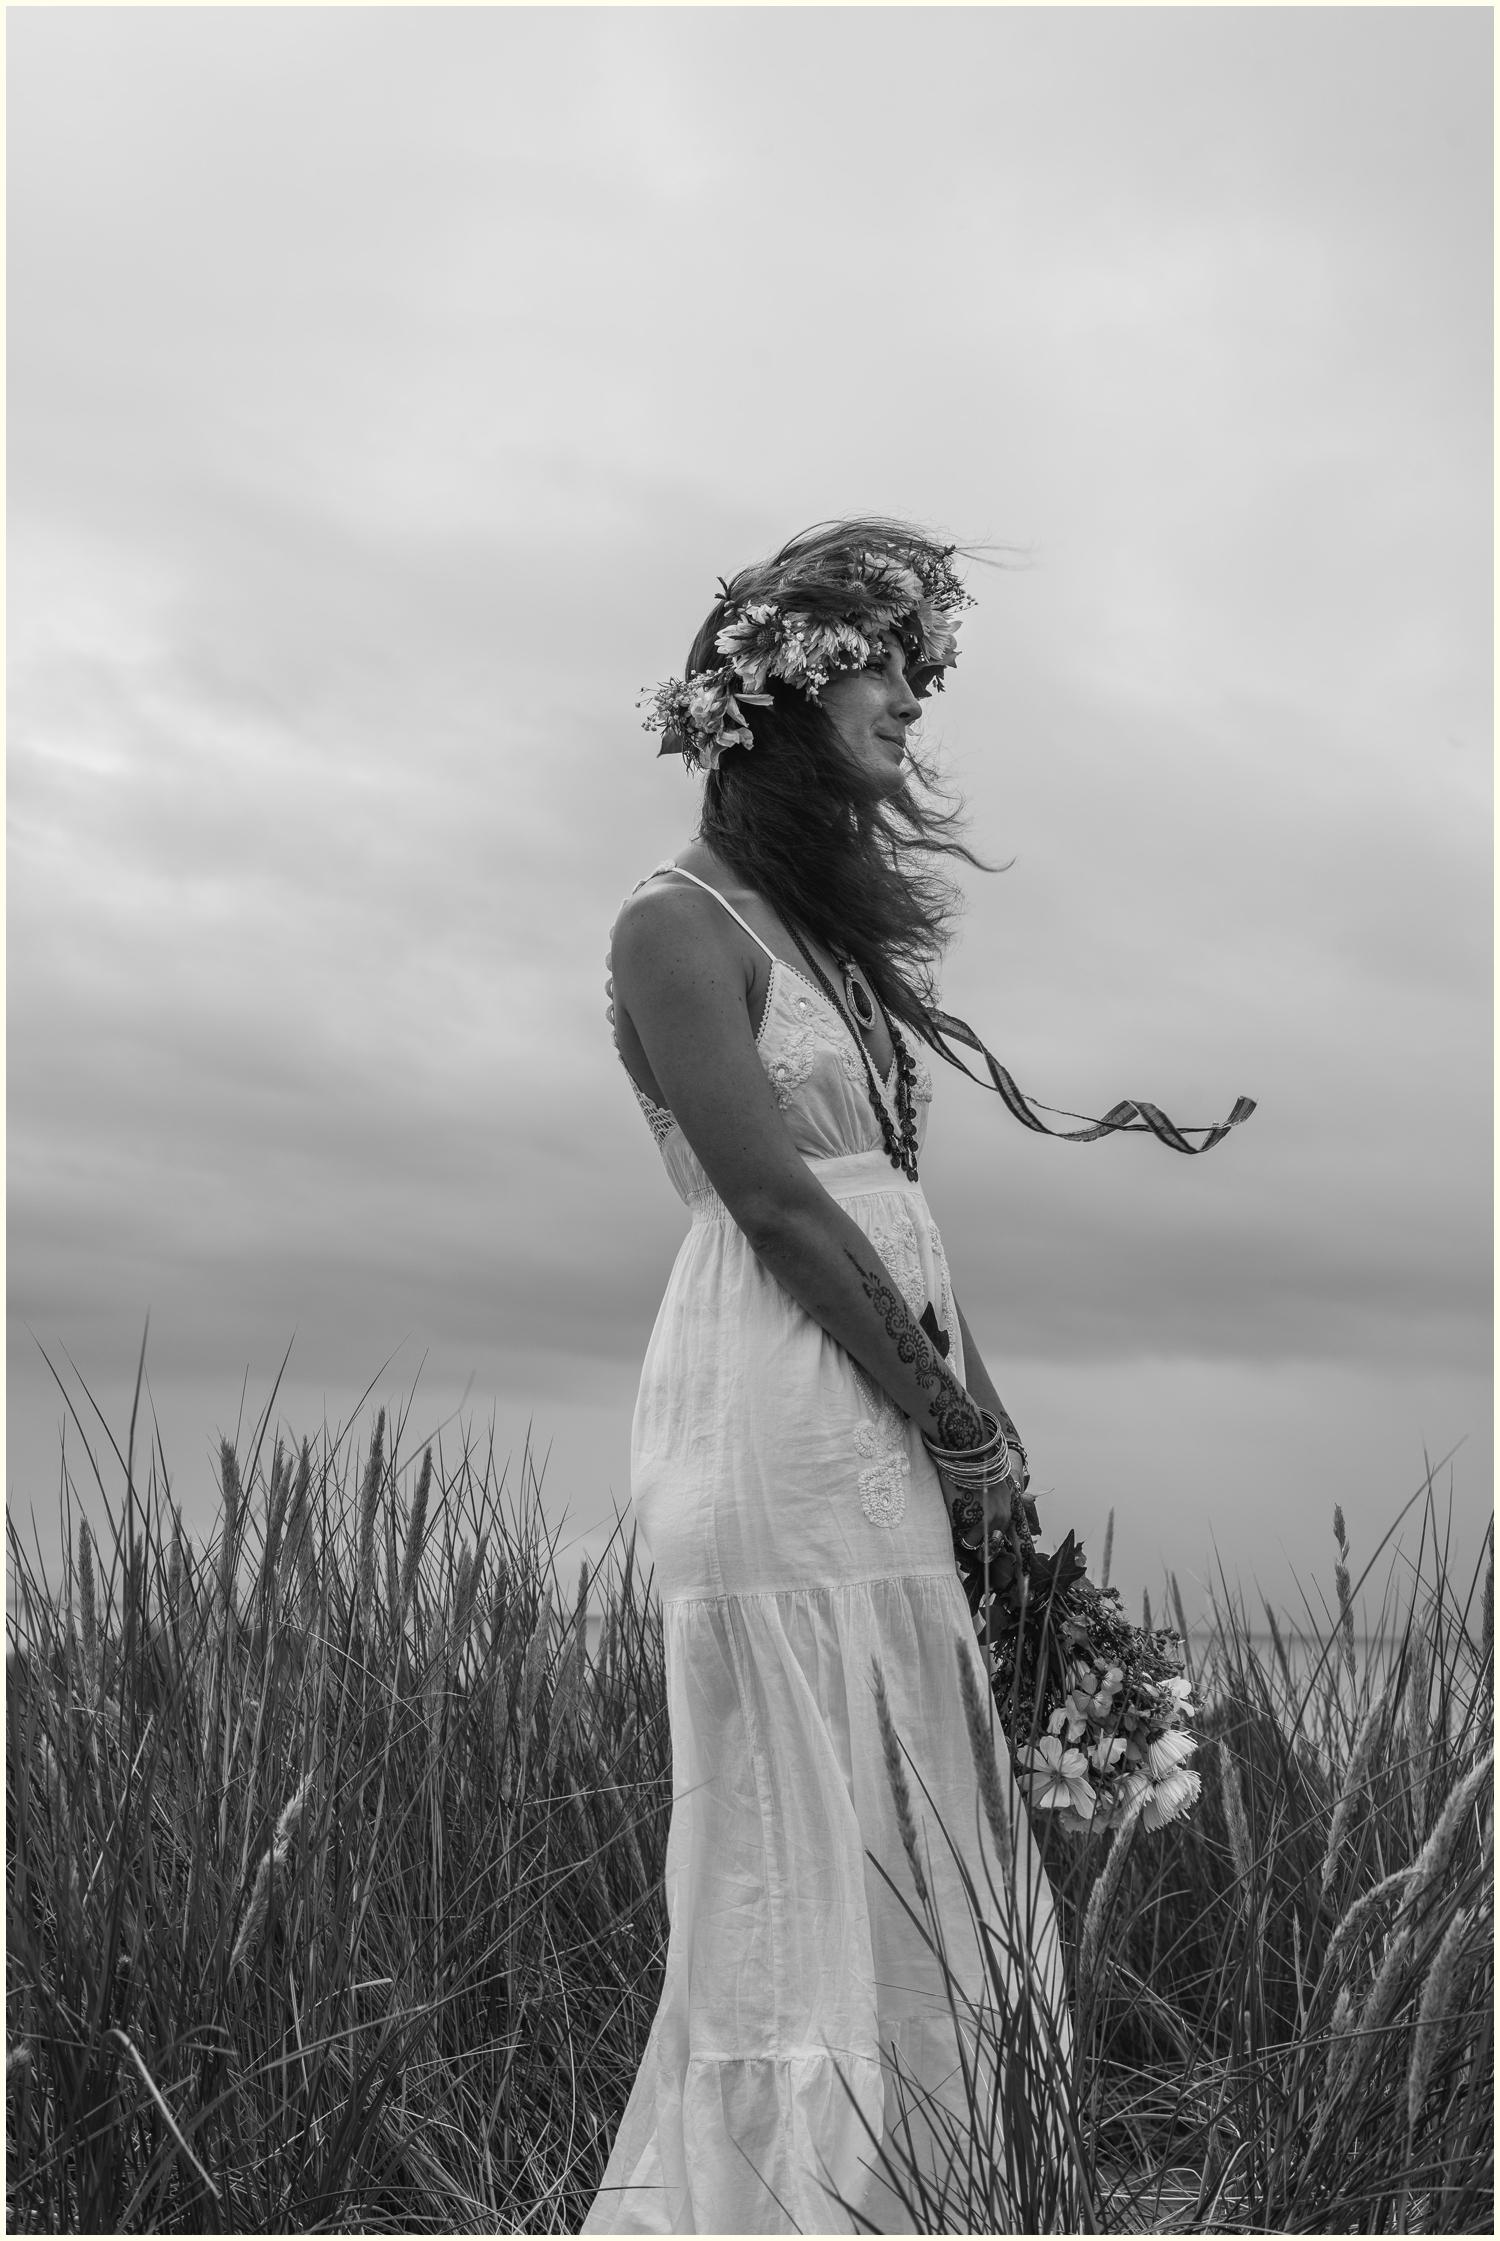 Kiara-Boho-Beach-Bride-1016.jpg